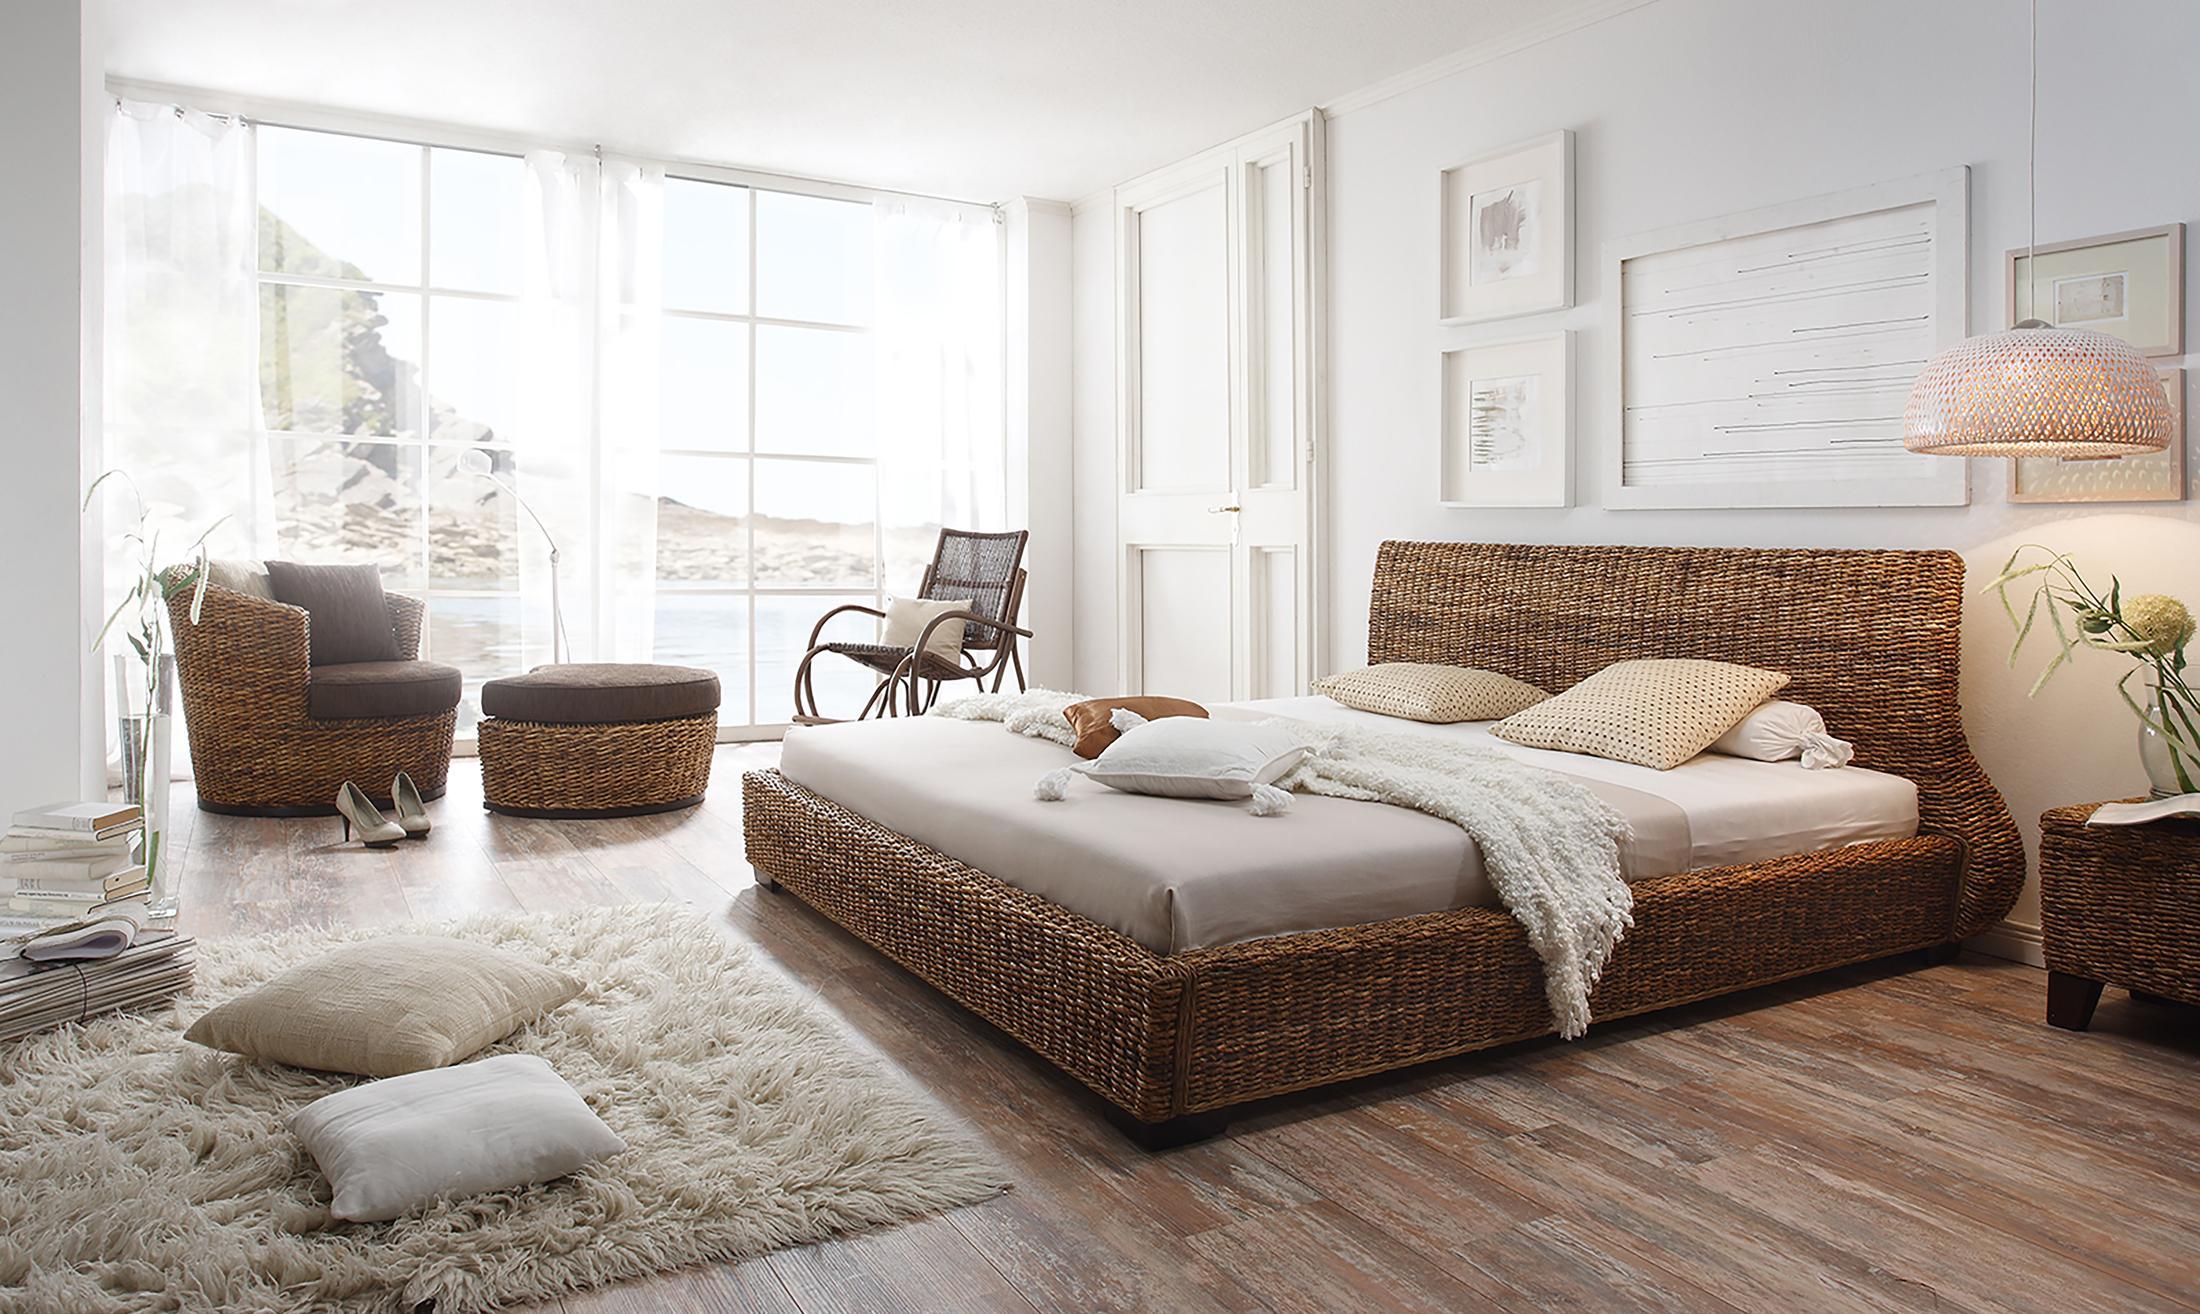 Full Size of Rattan Bett Rattanbett Bilder Ideen Couch Mit Rutsche Sonoma Eiche 140x200 Ebay Betten 180x200 Komplett Lattenrost Und Matratze Günstige Nussbaum 220 X Bett Rattan Bett